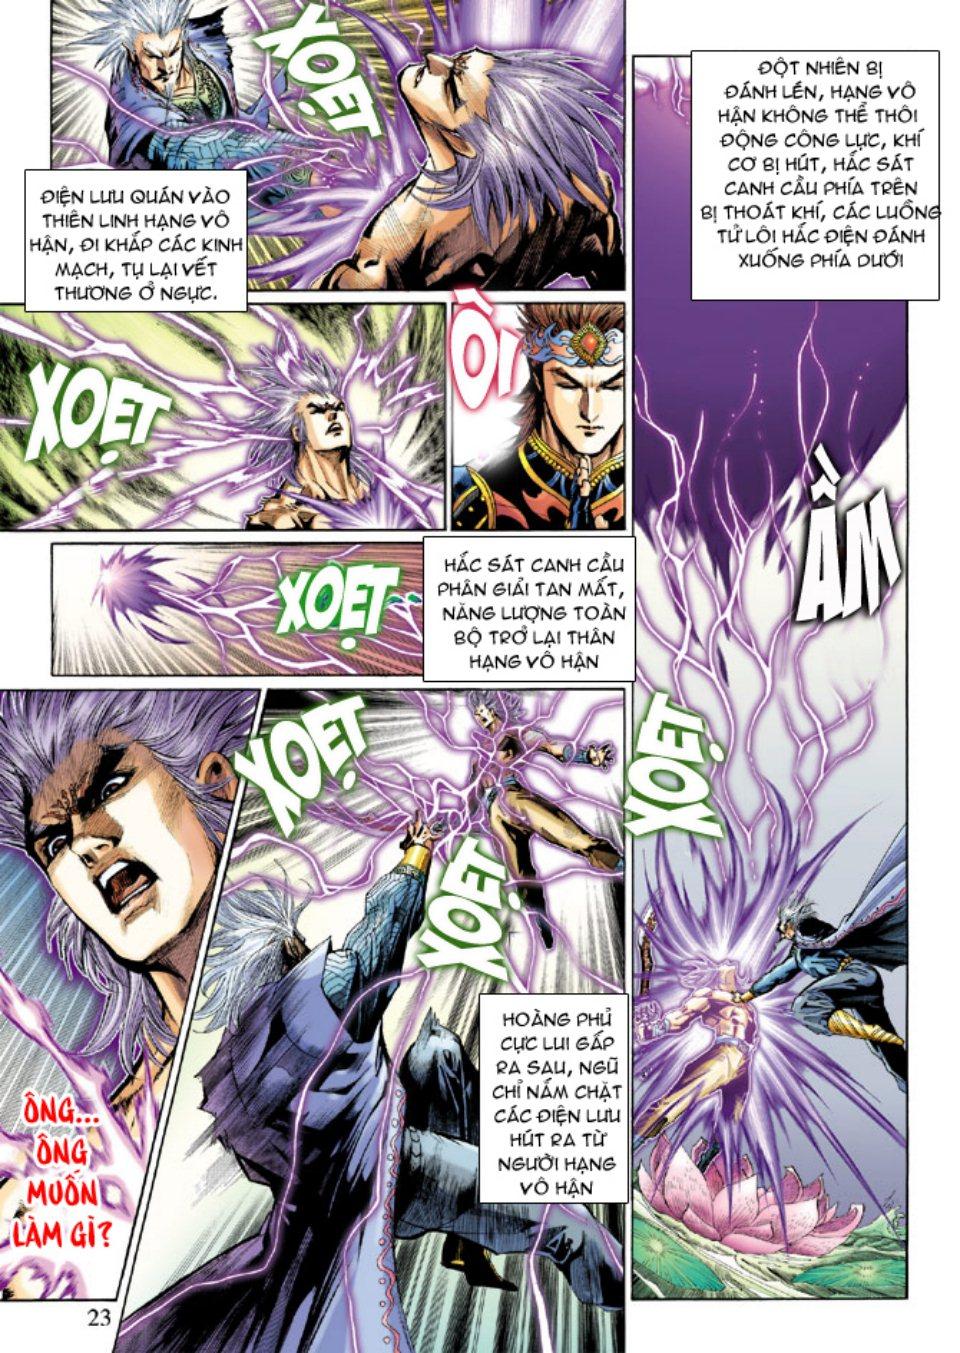 Thiên Tử Truyền Kỳ 5 - Như Lai Thần Chưởng chap 214 - Trang 22